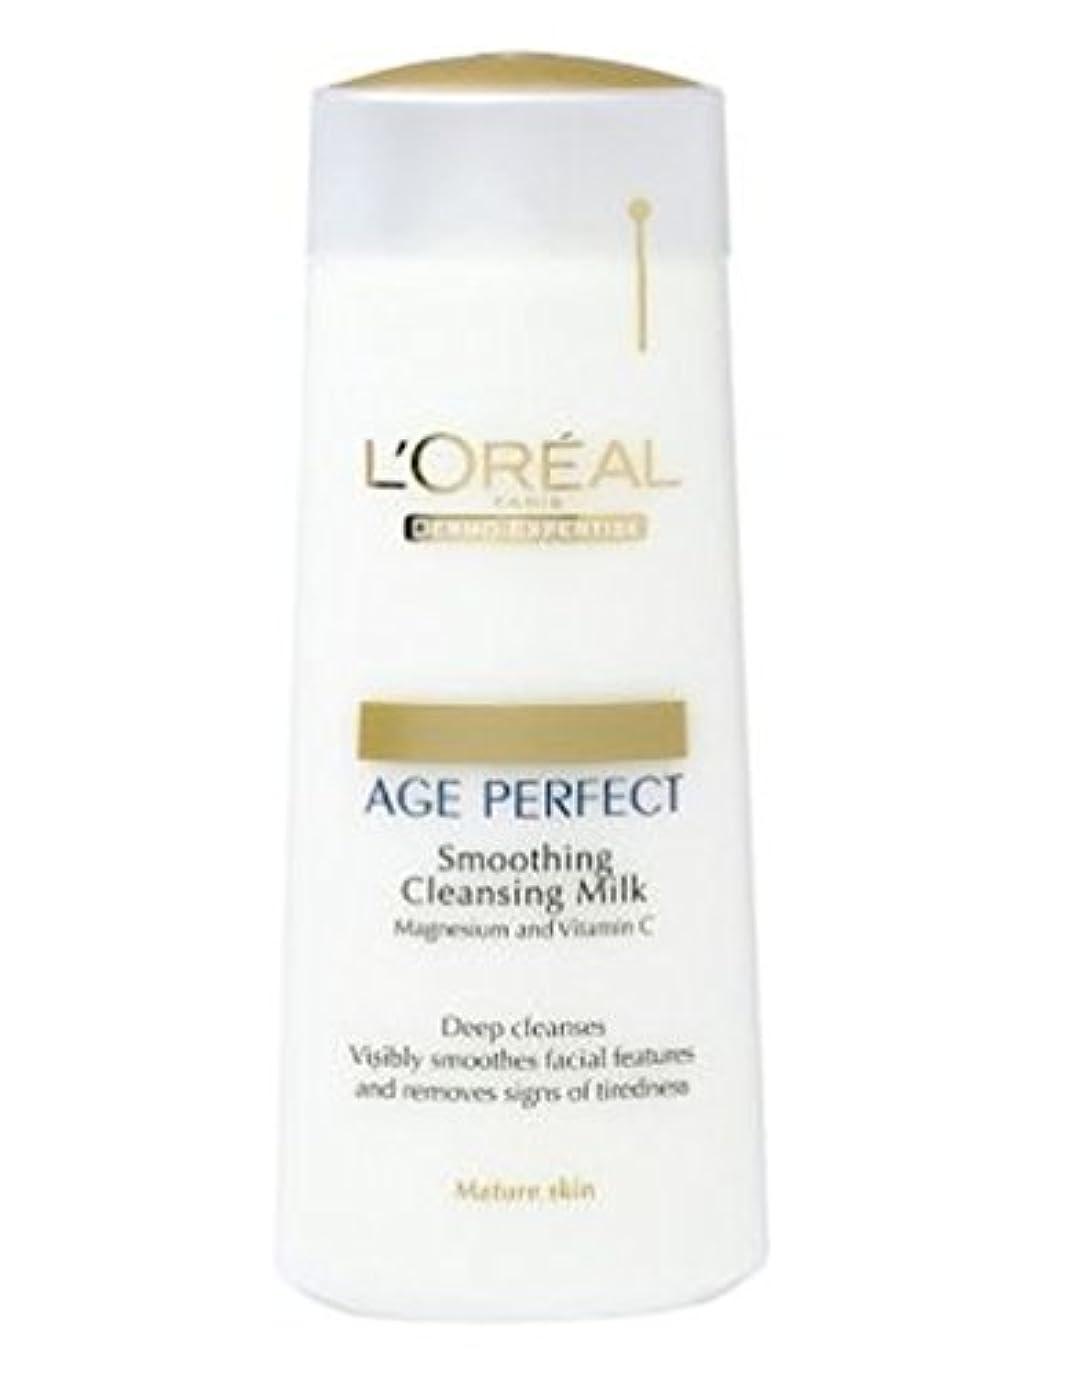 くちばし気性ウェーハL'Oreall Dermo-Expertise Age Perfect Smoothing Cleansing Milk 200ml - L'Oreall真皮専門知識の年齢、完璧なスムージングクレンジングミルク200ミリリットル...